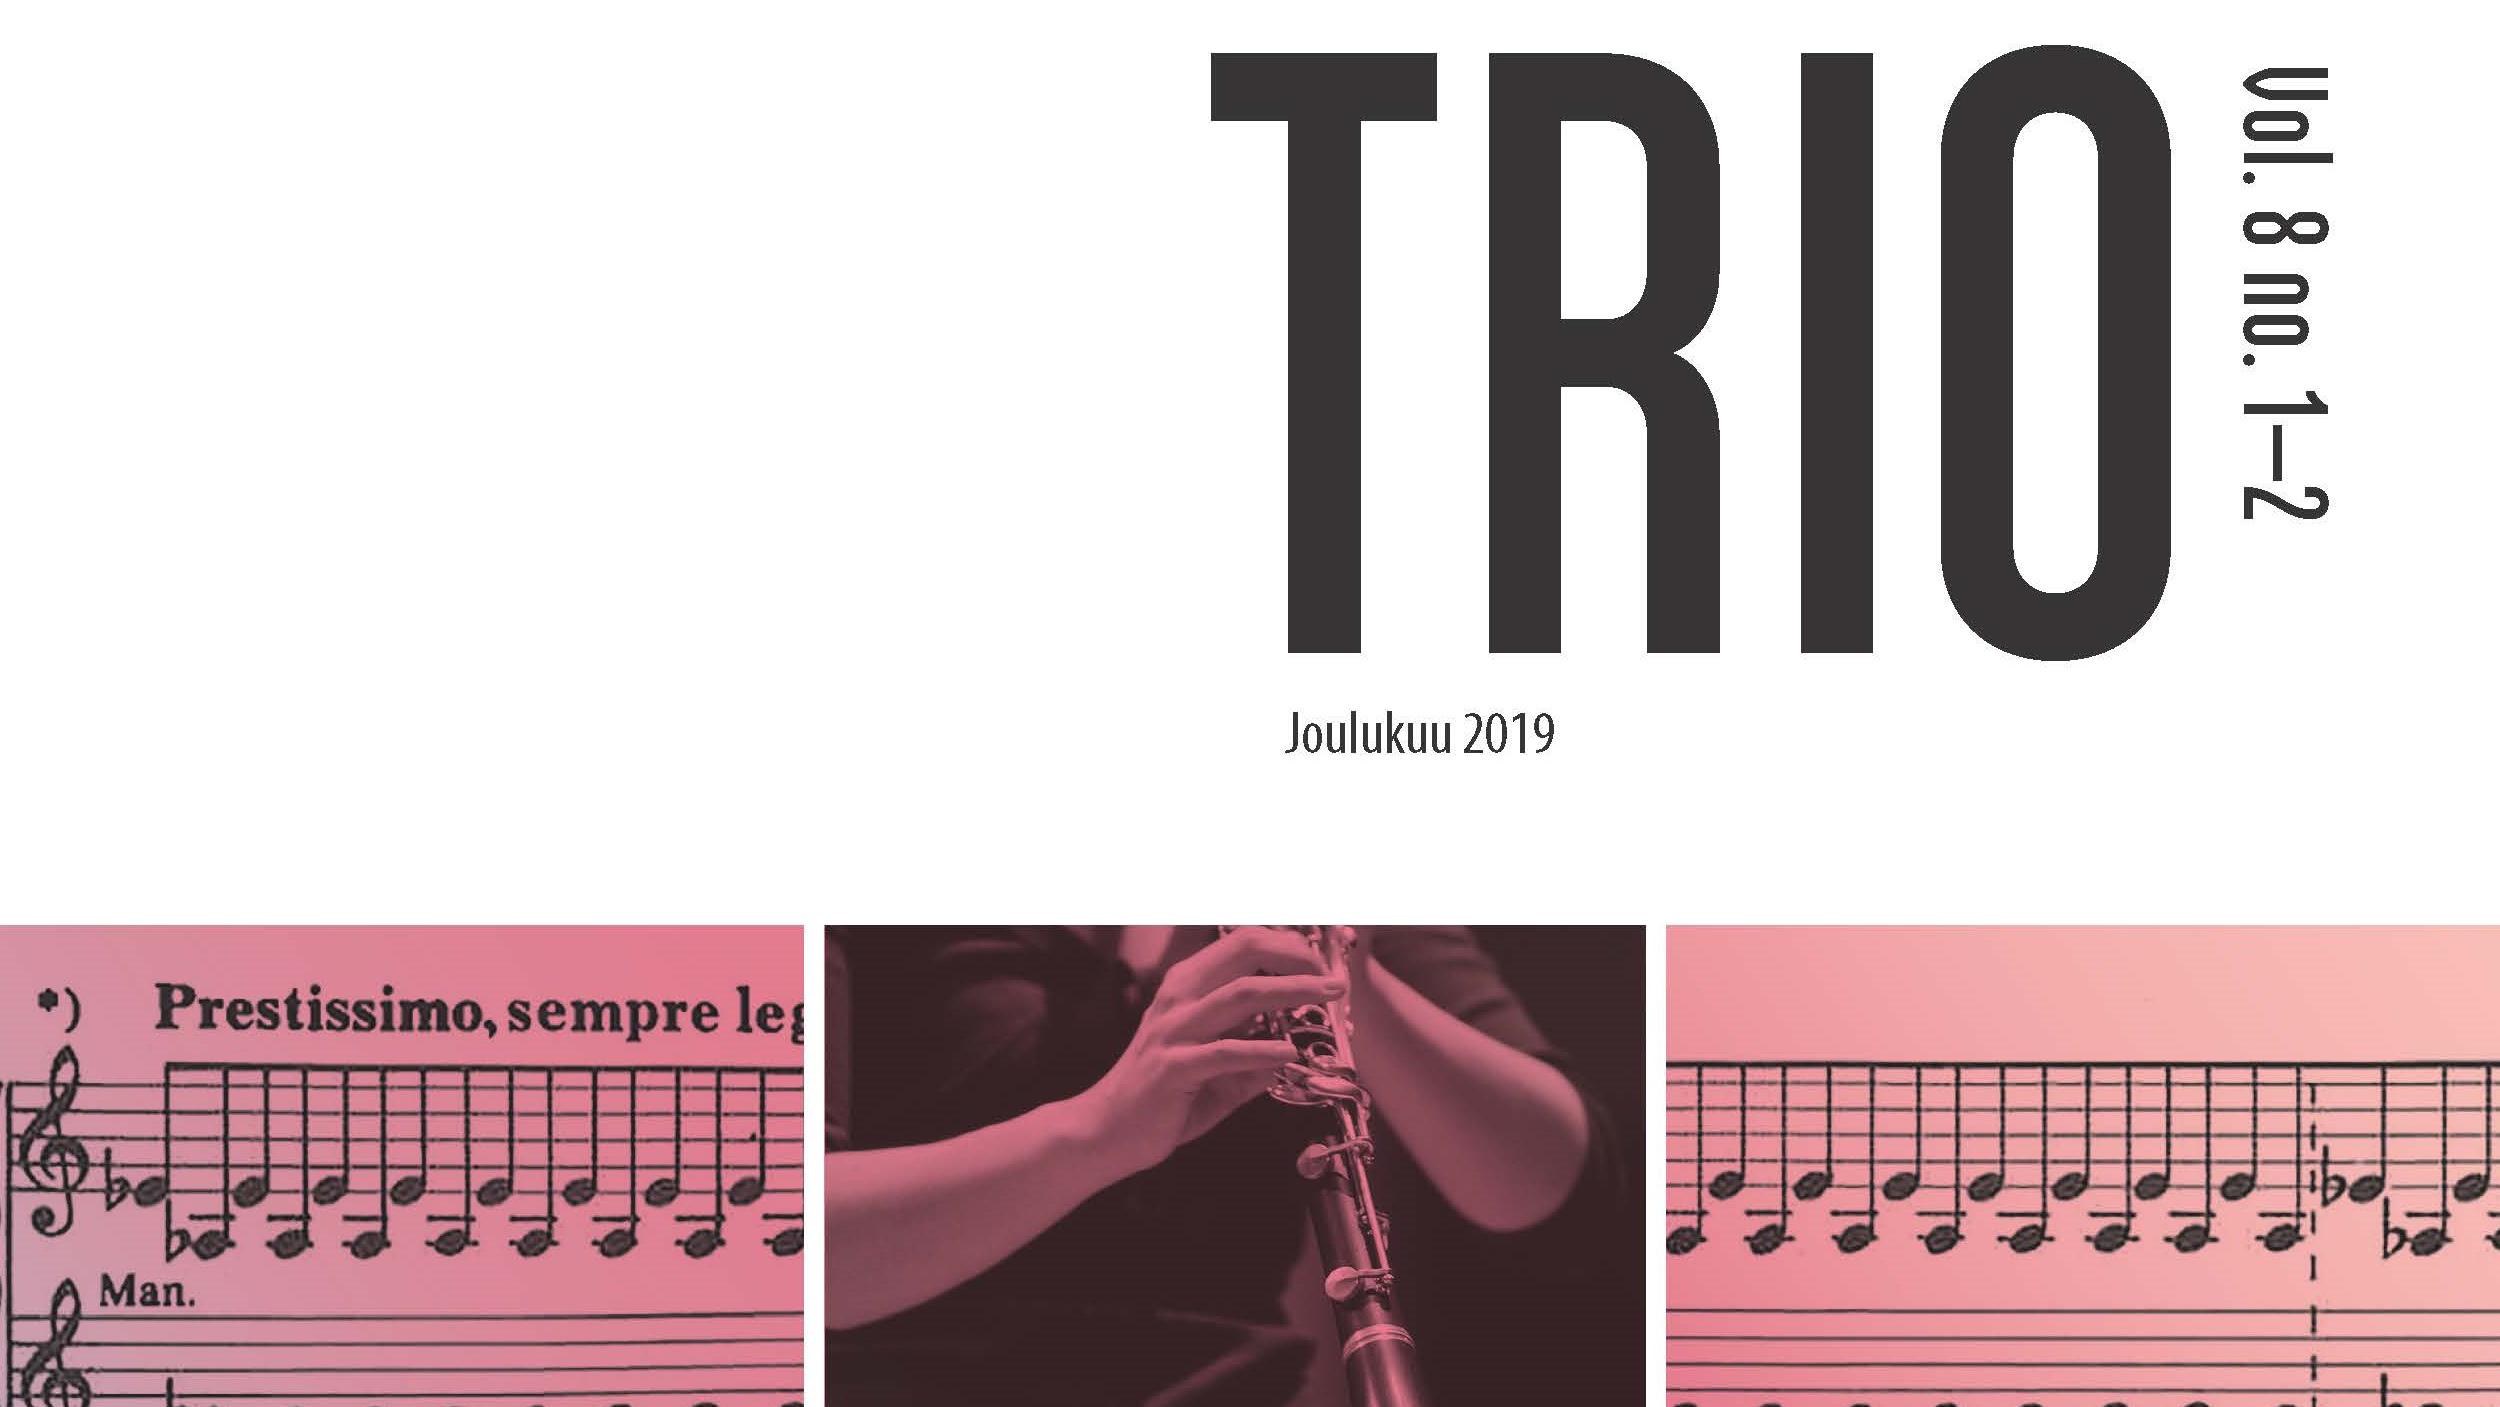 Trio-lehden joulukuun 2019 numeron kansi